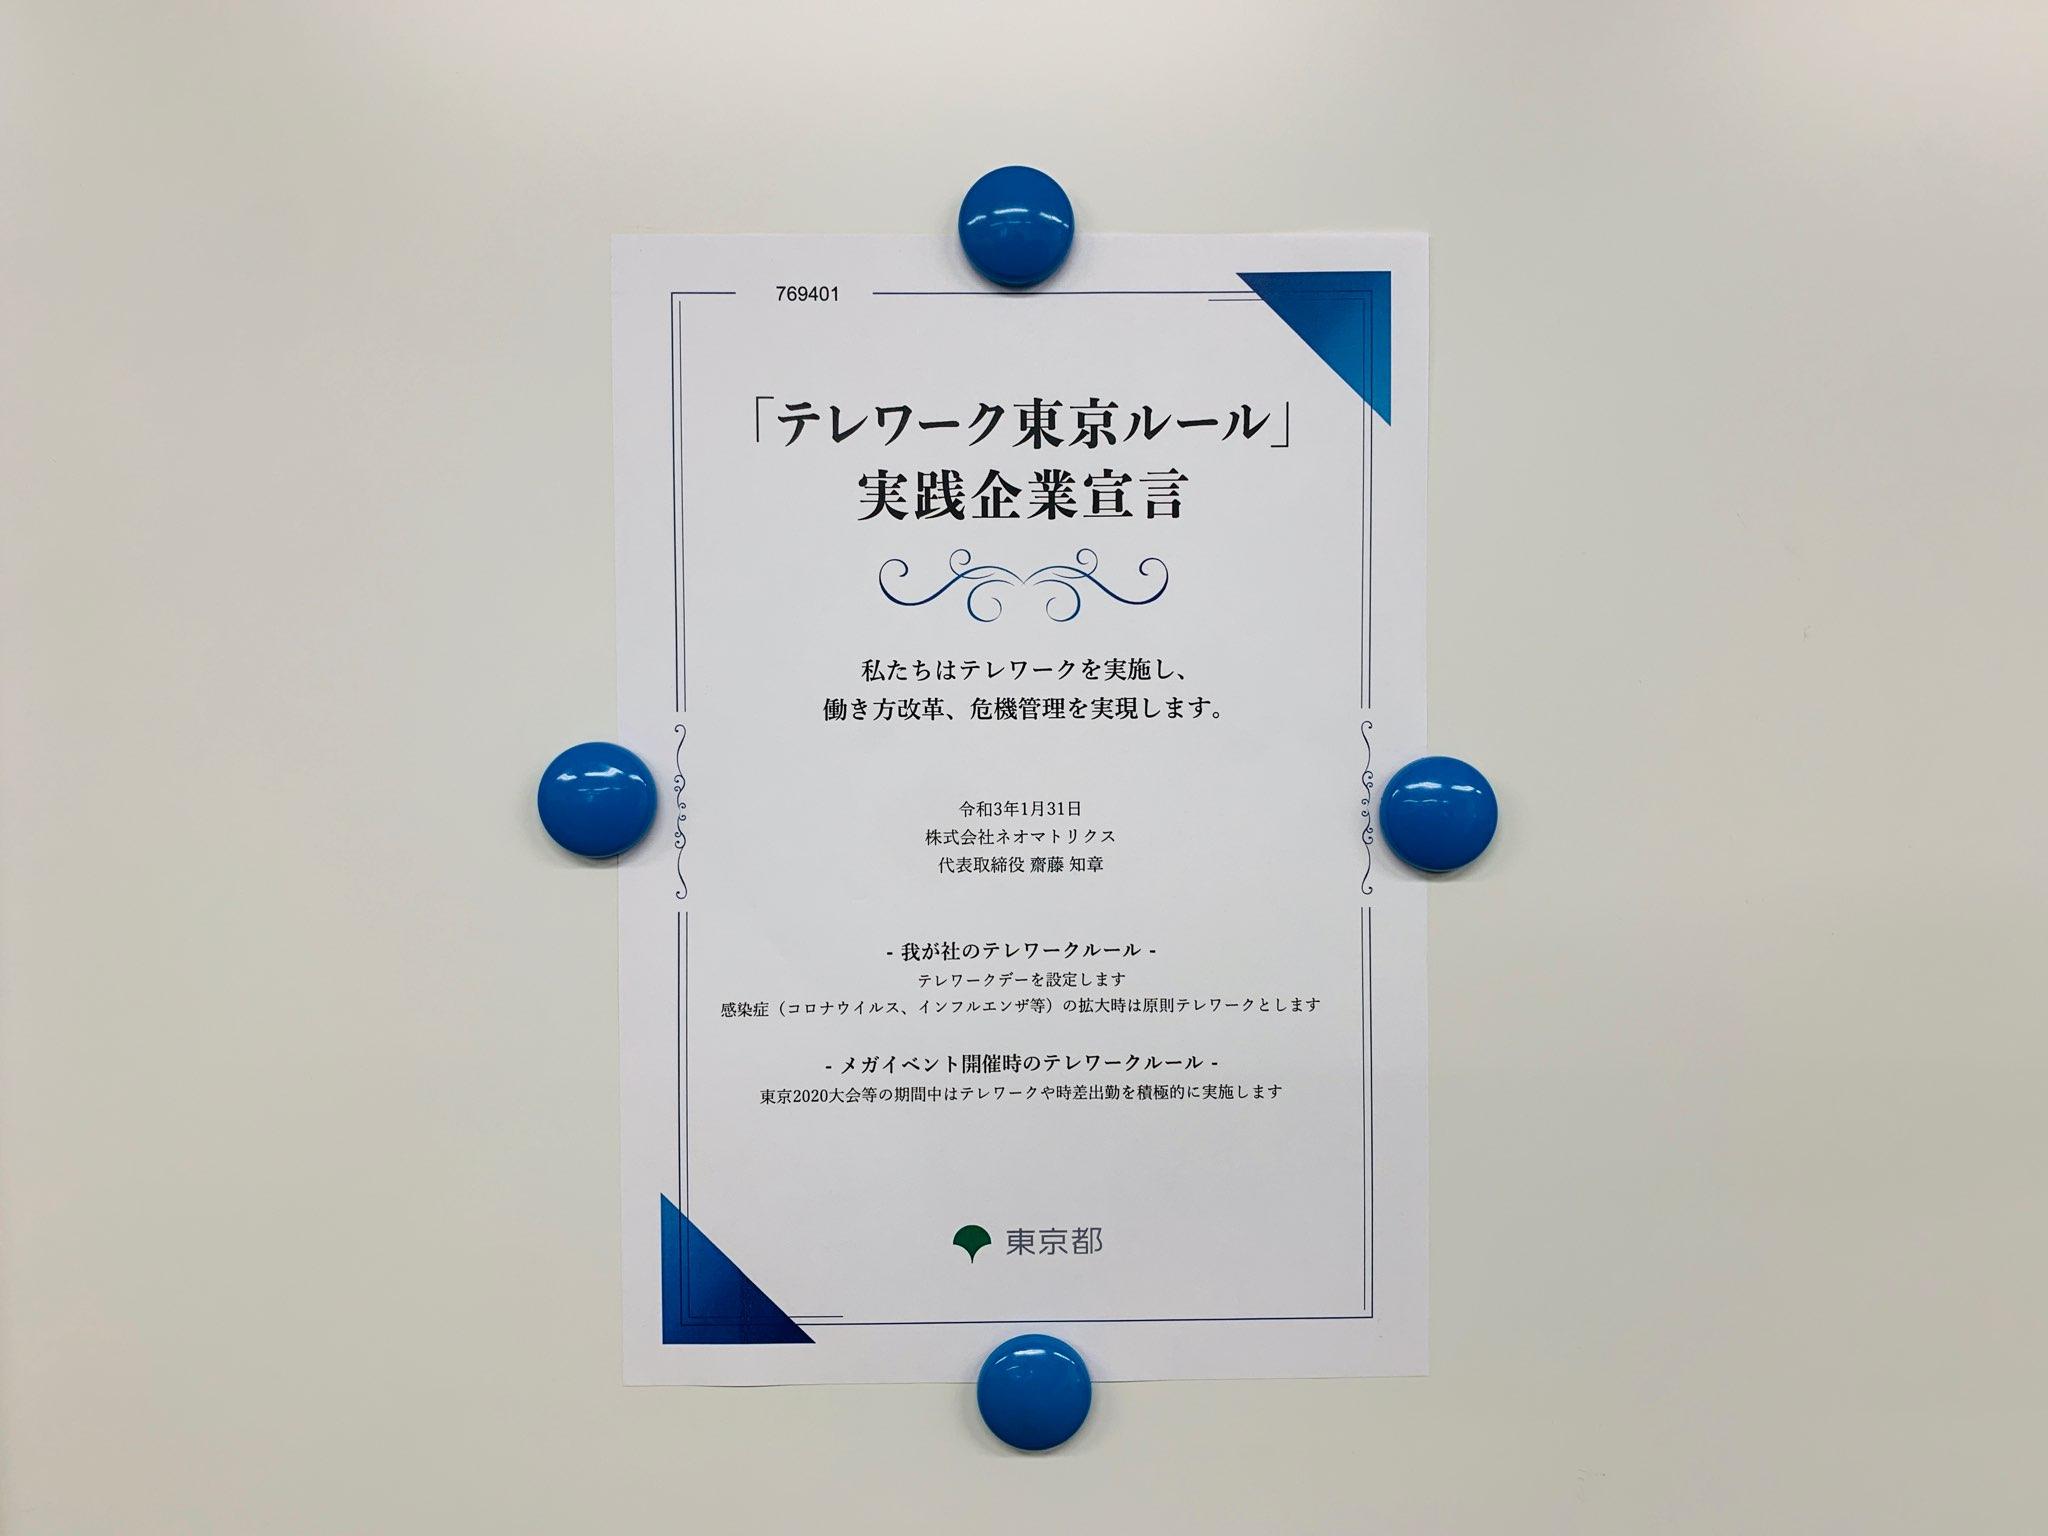 「テレワーク東京ルール」実践宣言書 (1)